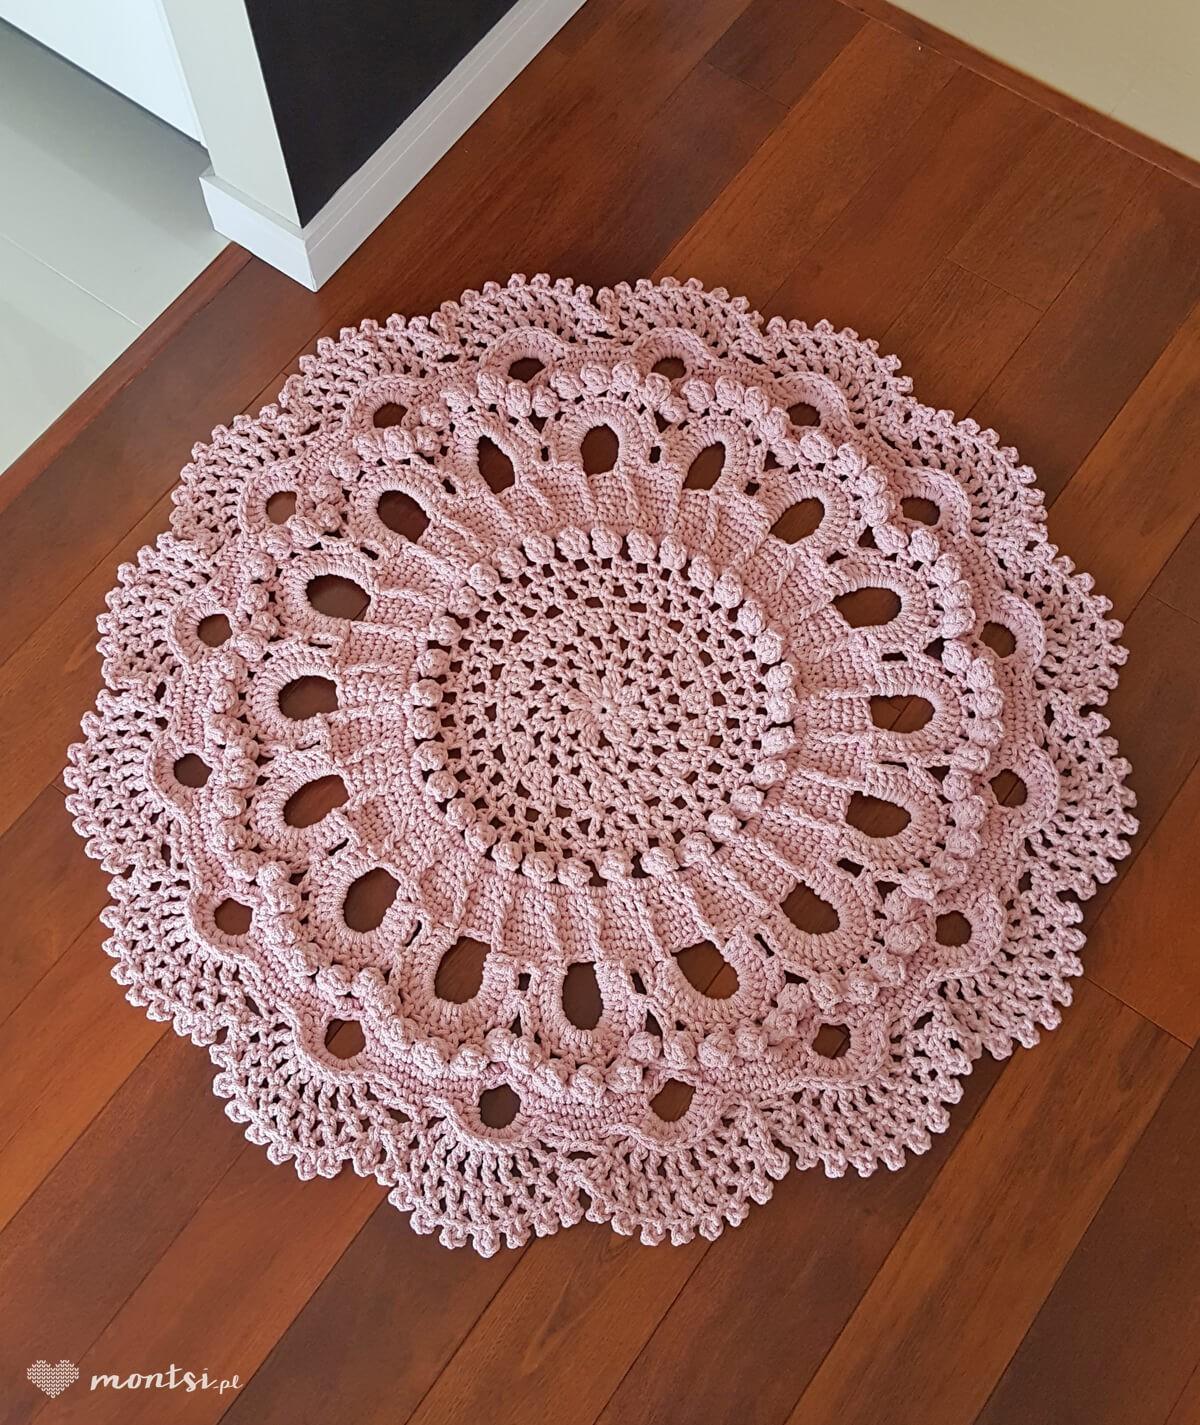 Lici dywan okrągły ze sznurka 130 cm ręcznie robiony - kolor pudrowy róż